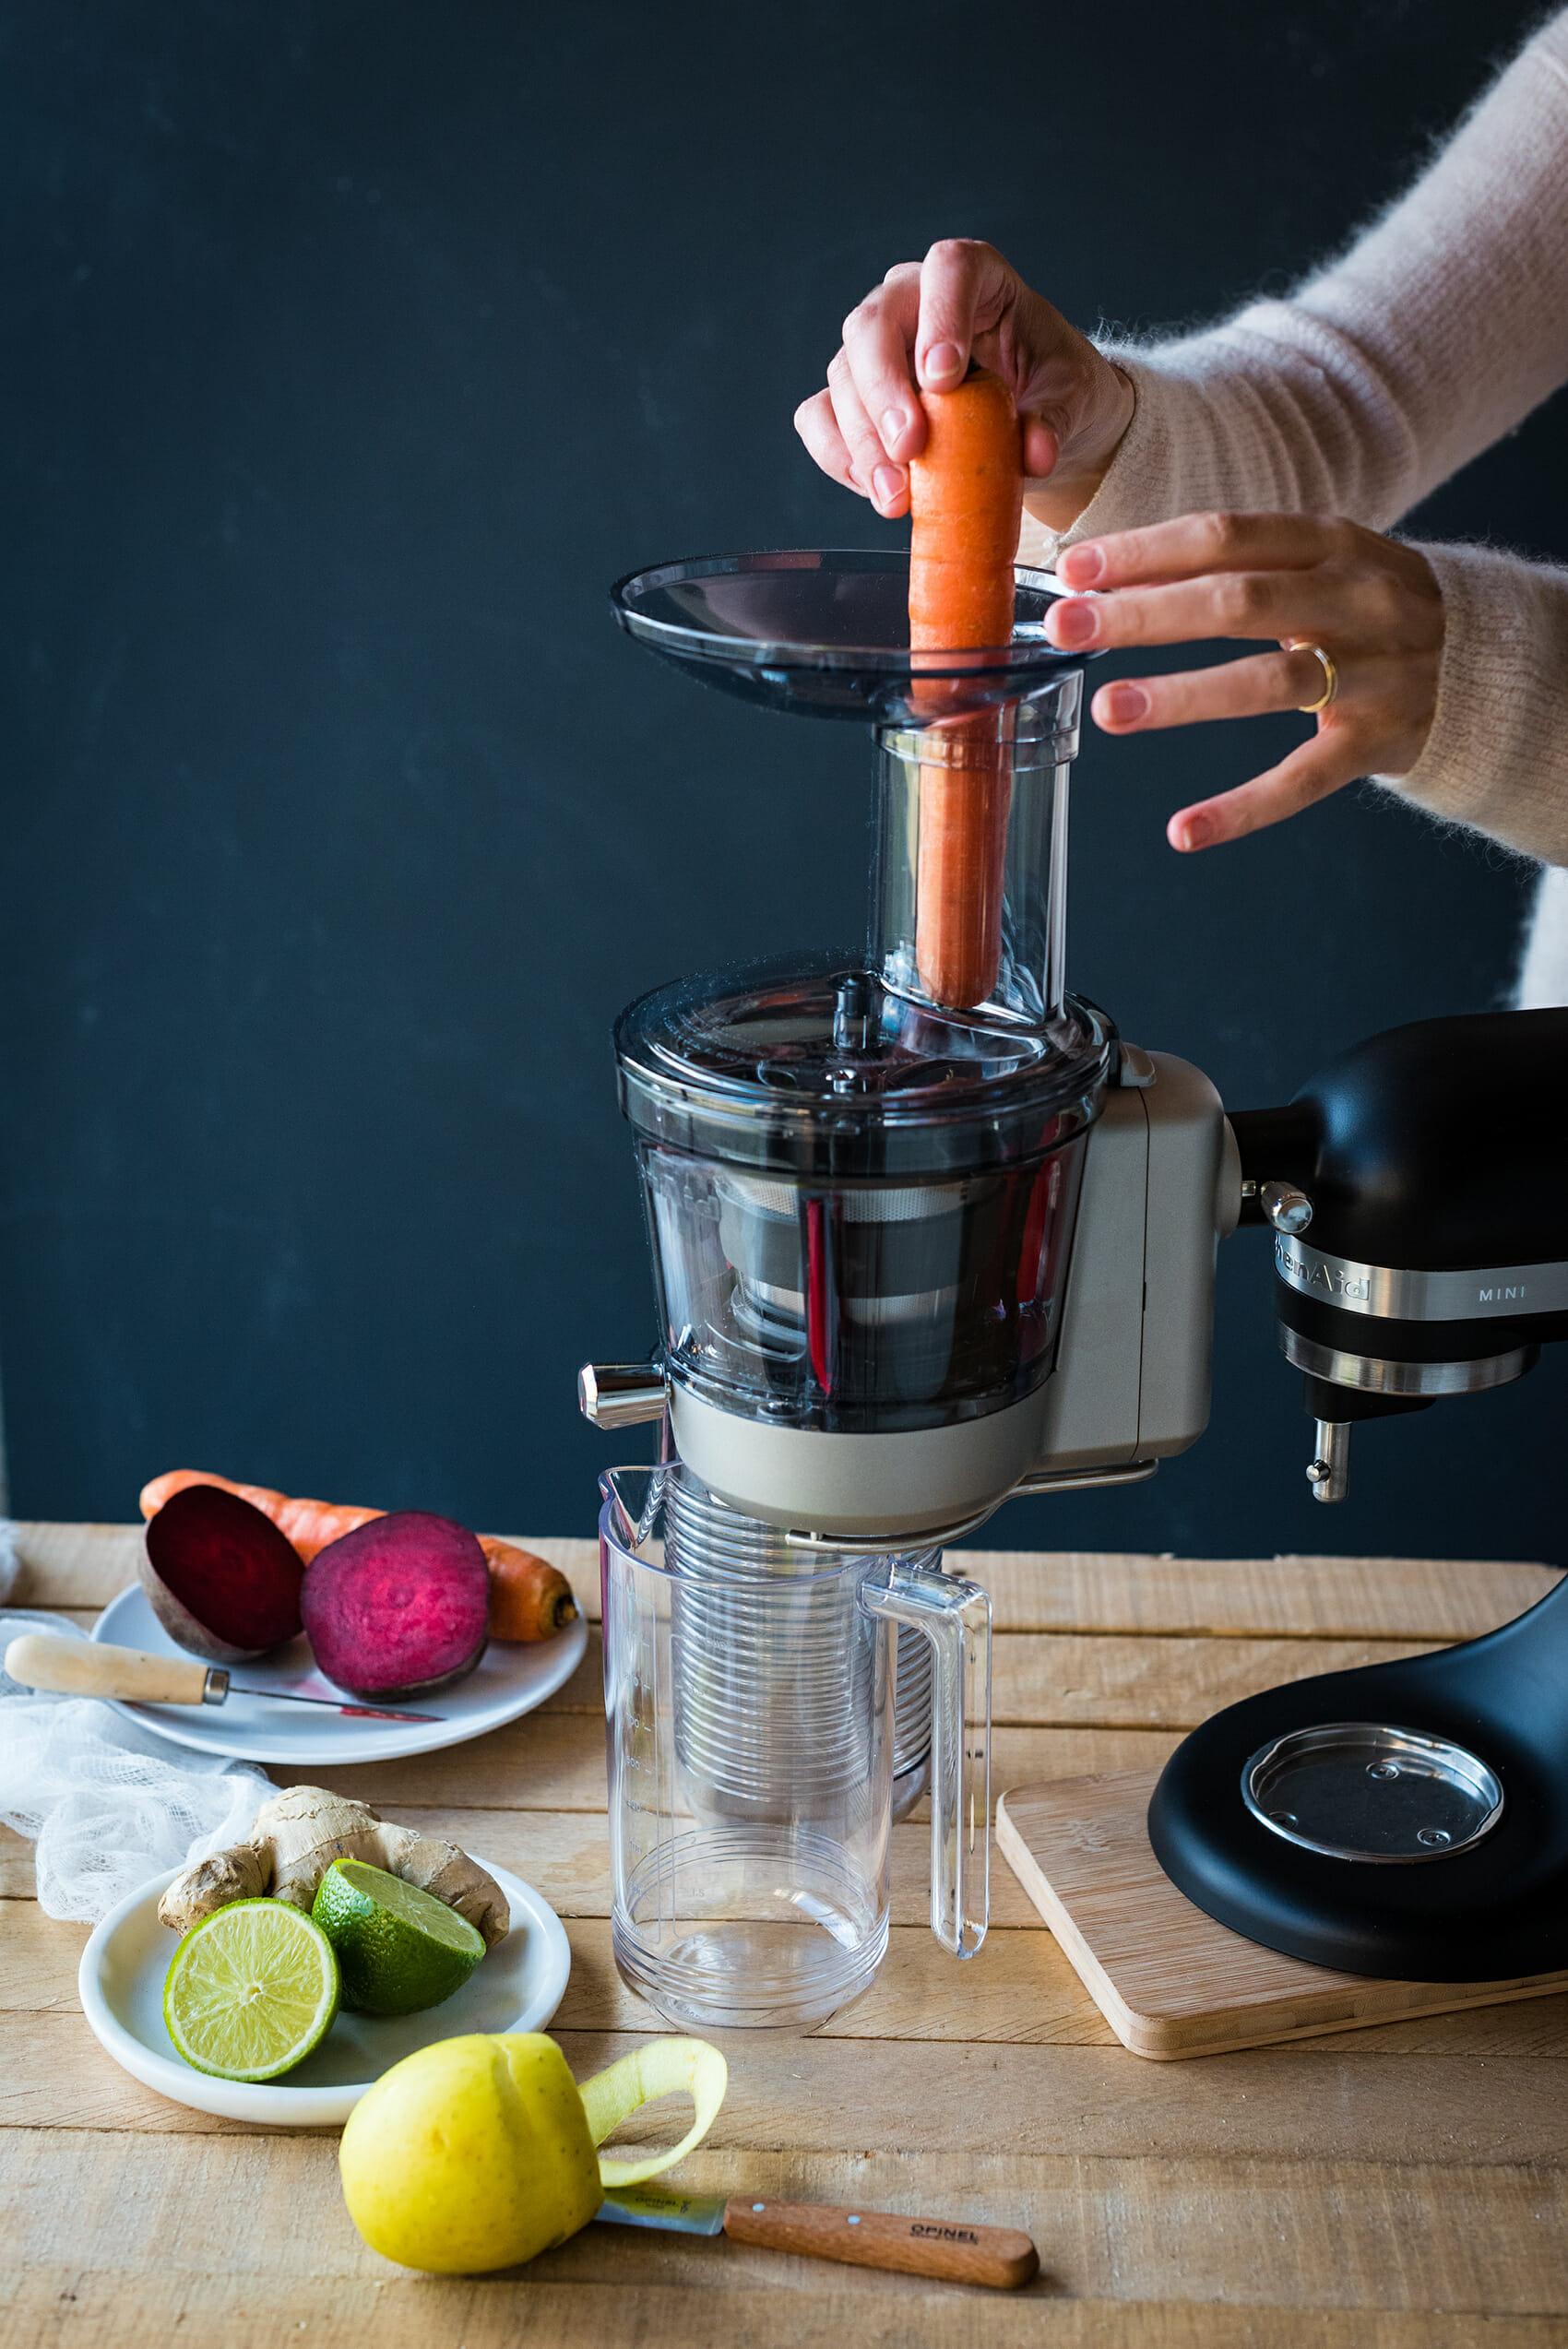 jus anti oxydant la betterave test extracteur de jus kitchenaid lilie bakery. Black Bedroom Furniture Sets. Home Design Ideas